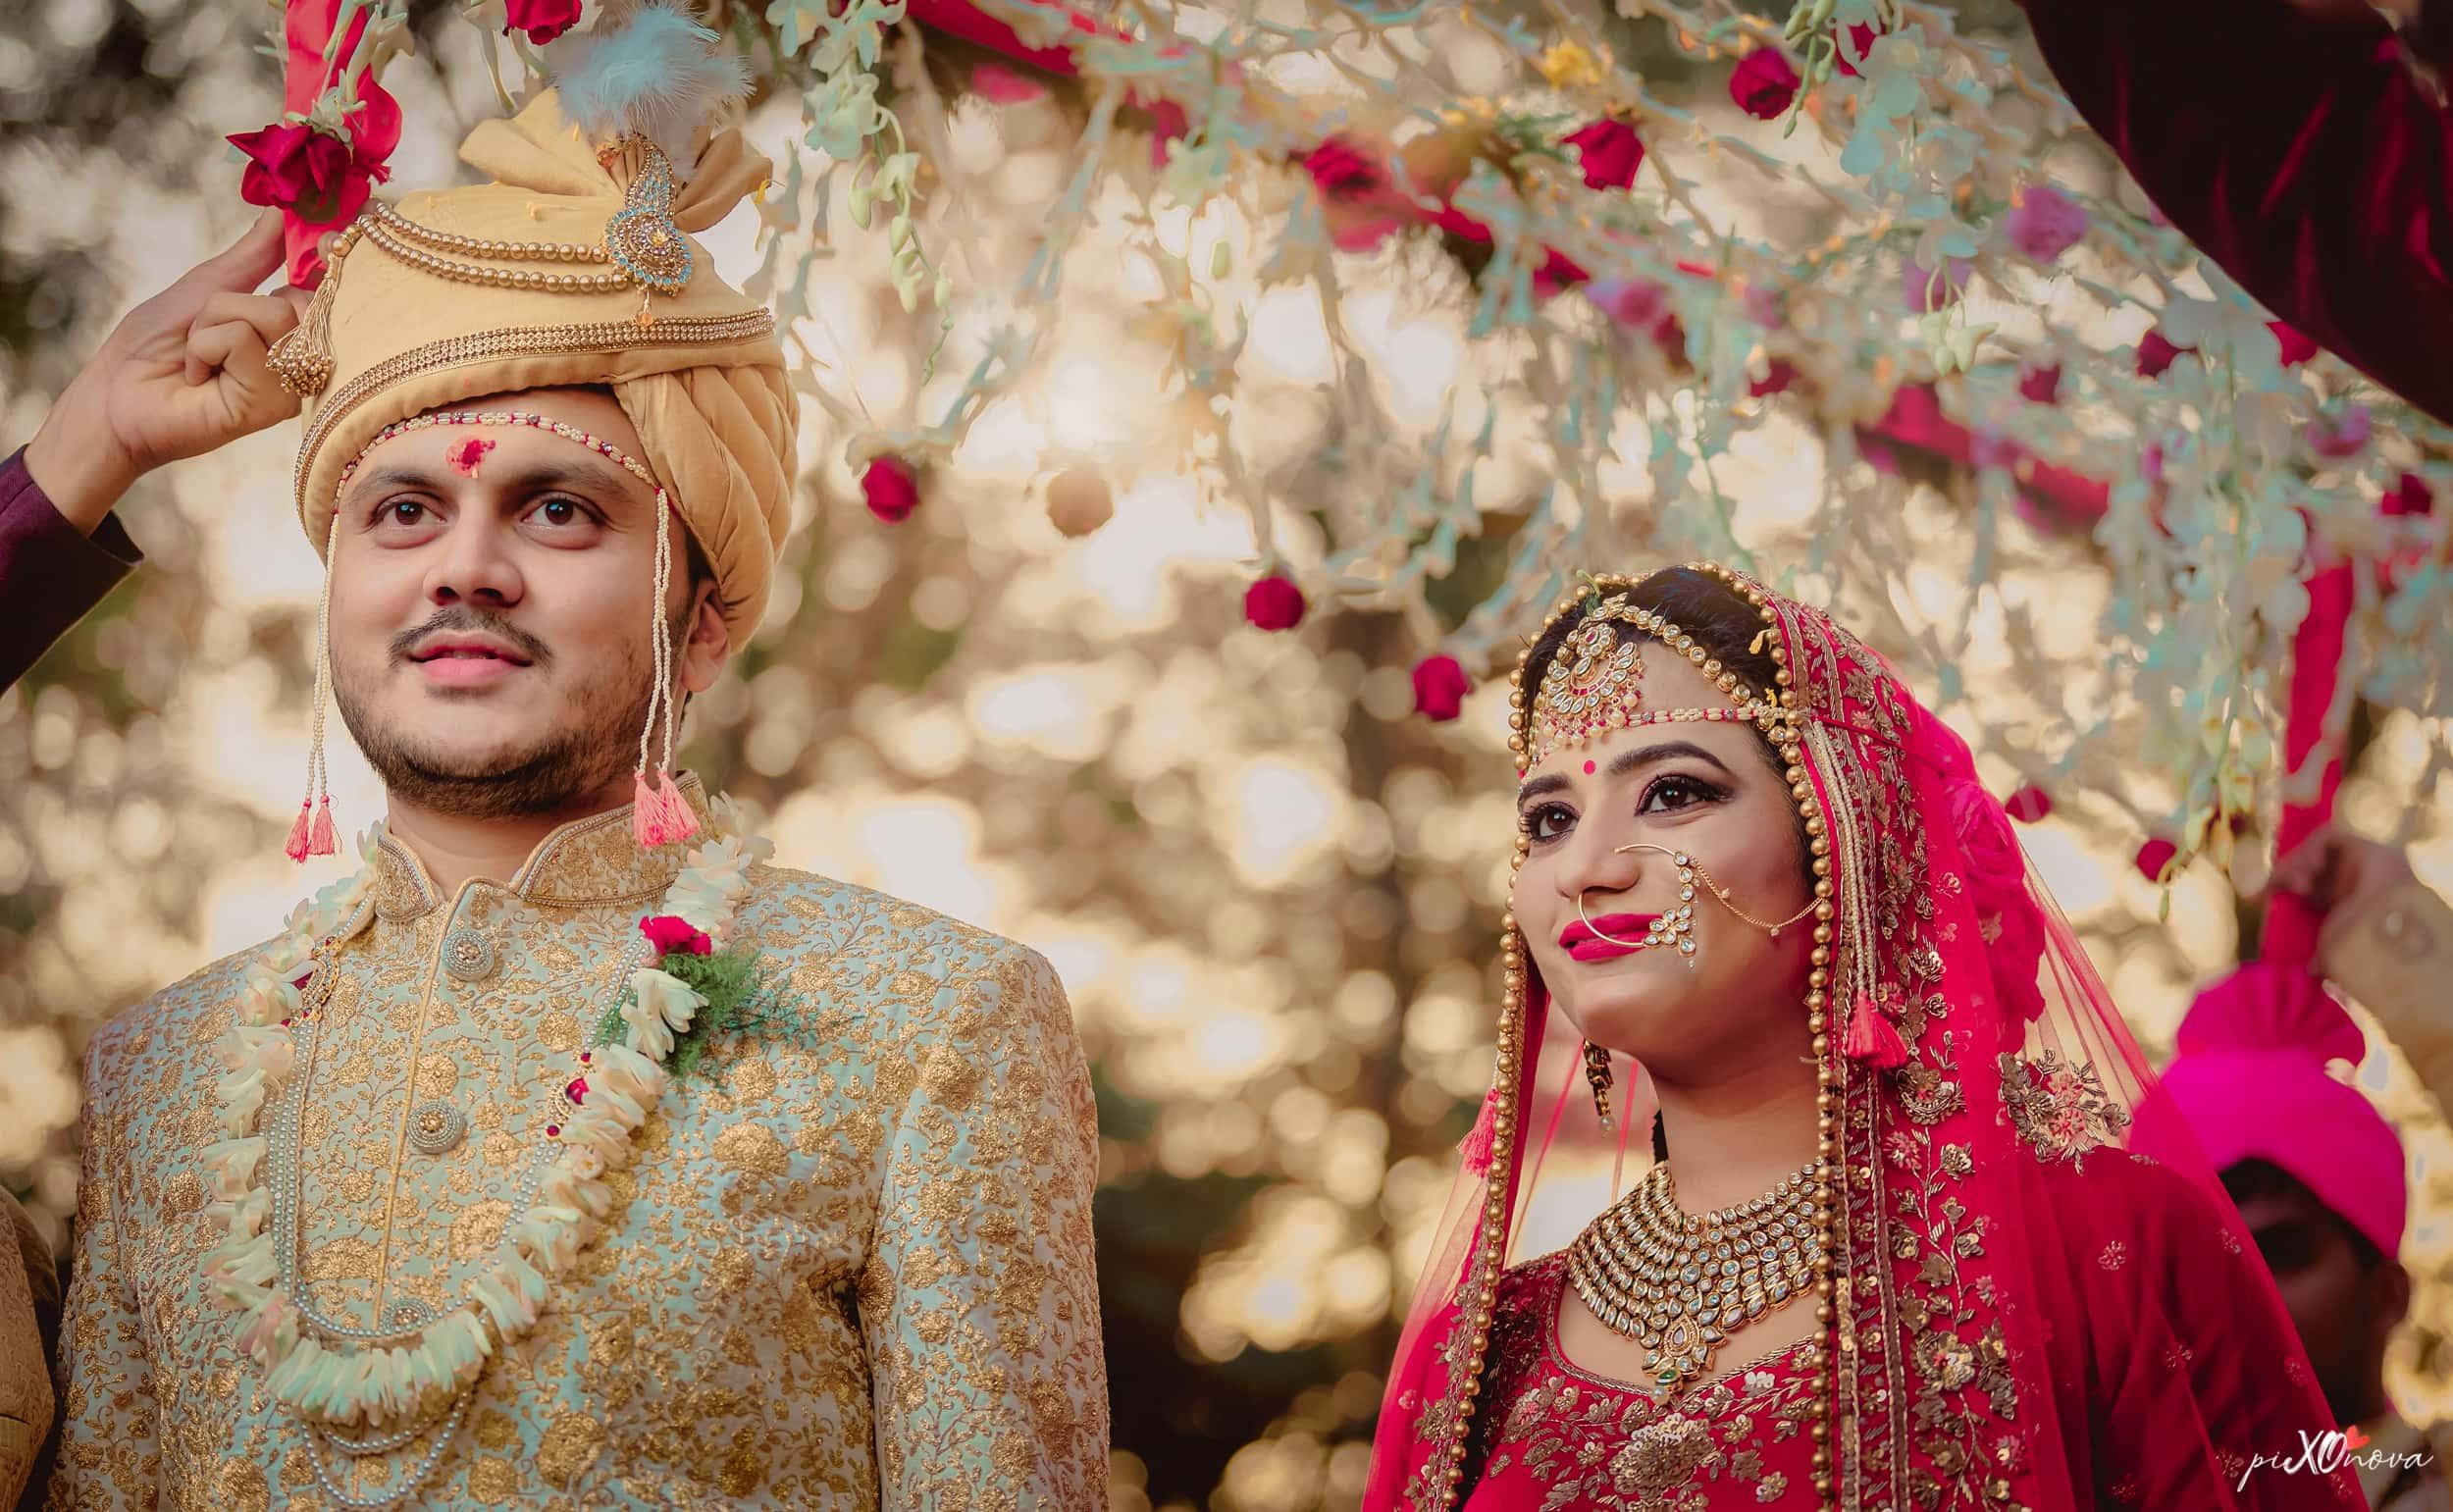 Pixonova: Best Wedding Photographers Kolkata, Delhi India - 12 - Pixonova